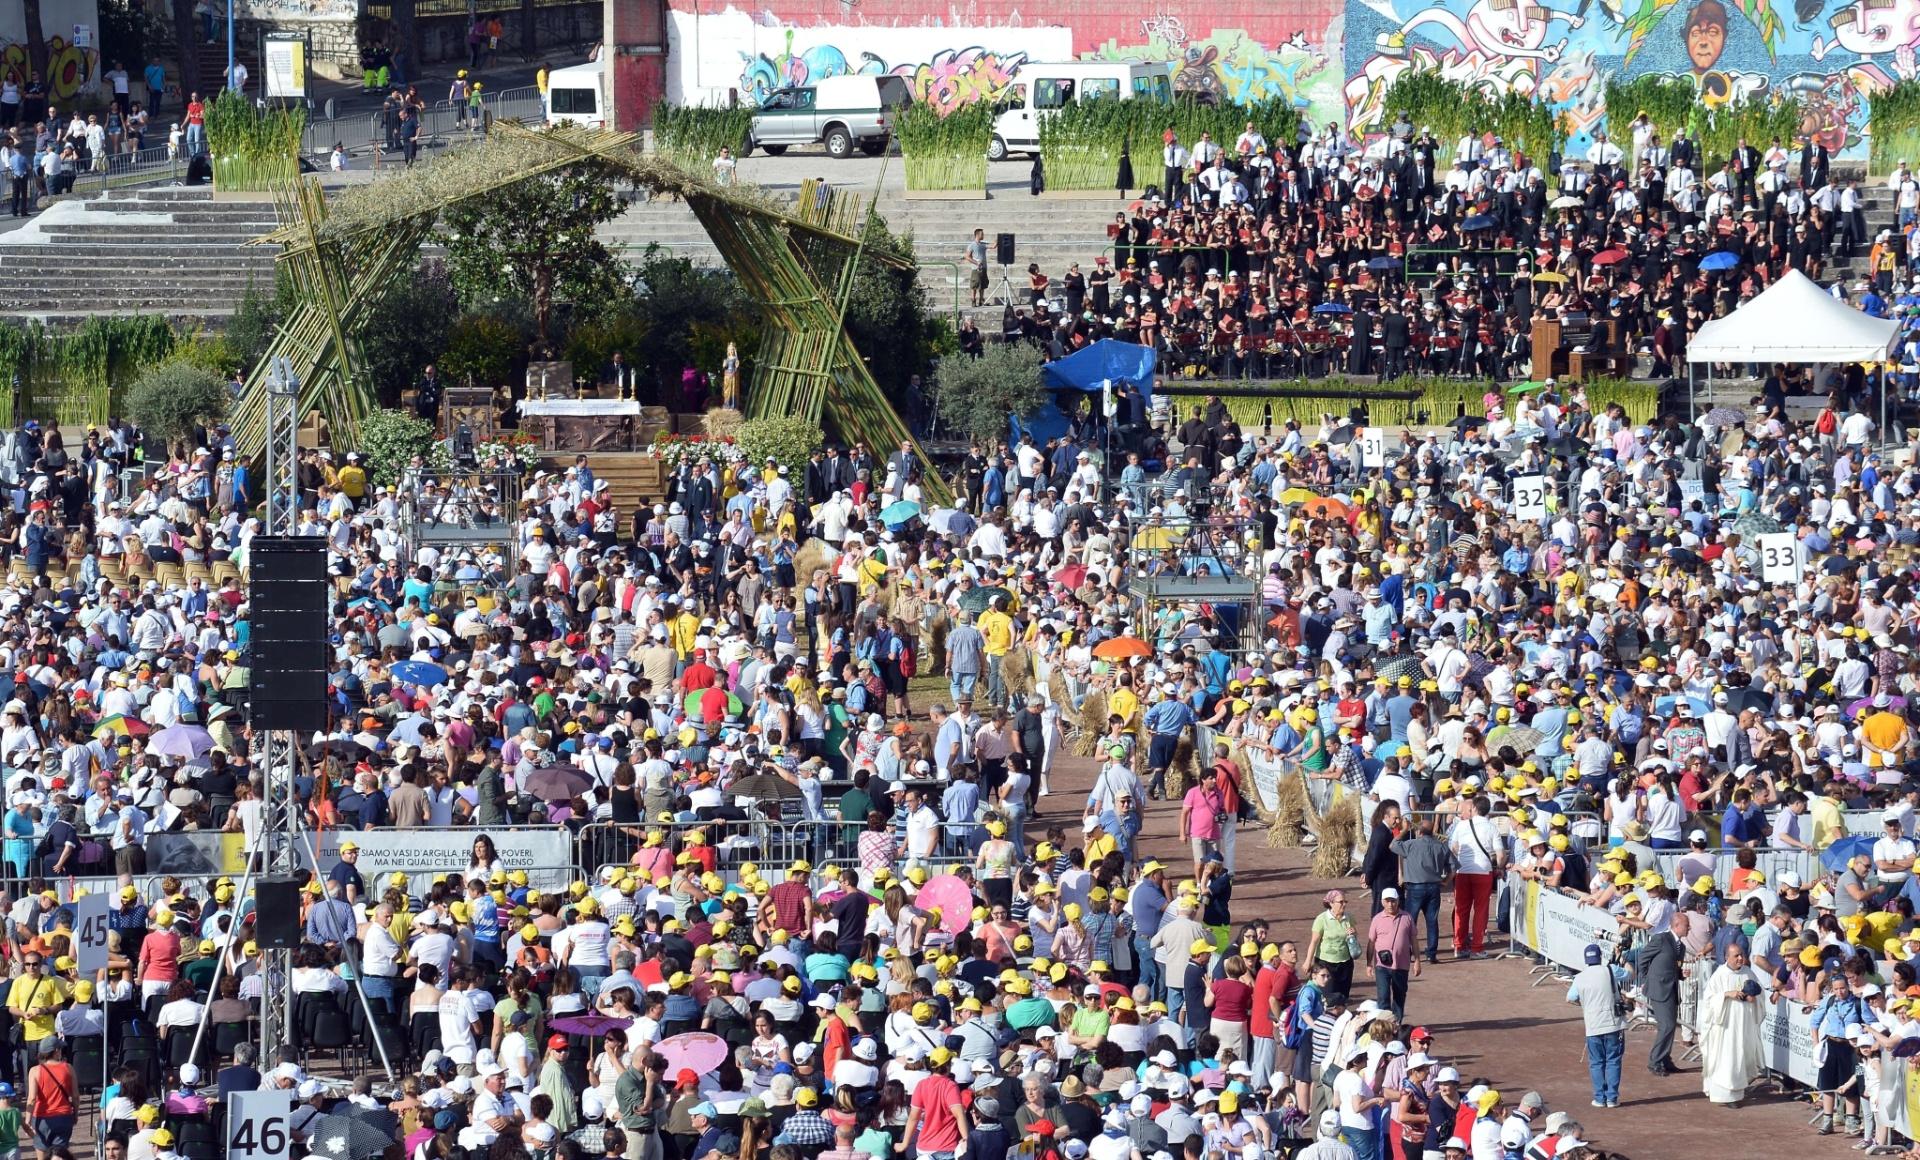 5.jul.2014 - Fiéis se concentram em área de Campobasso, no sul da Itália, antes da chegada do Papa Francisco, que vai celebrar uma missa